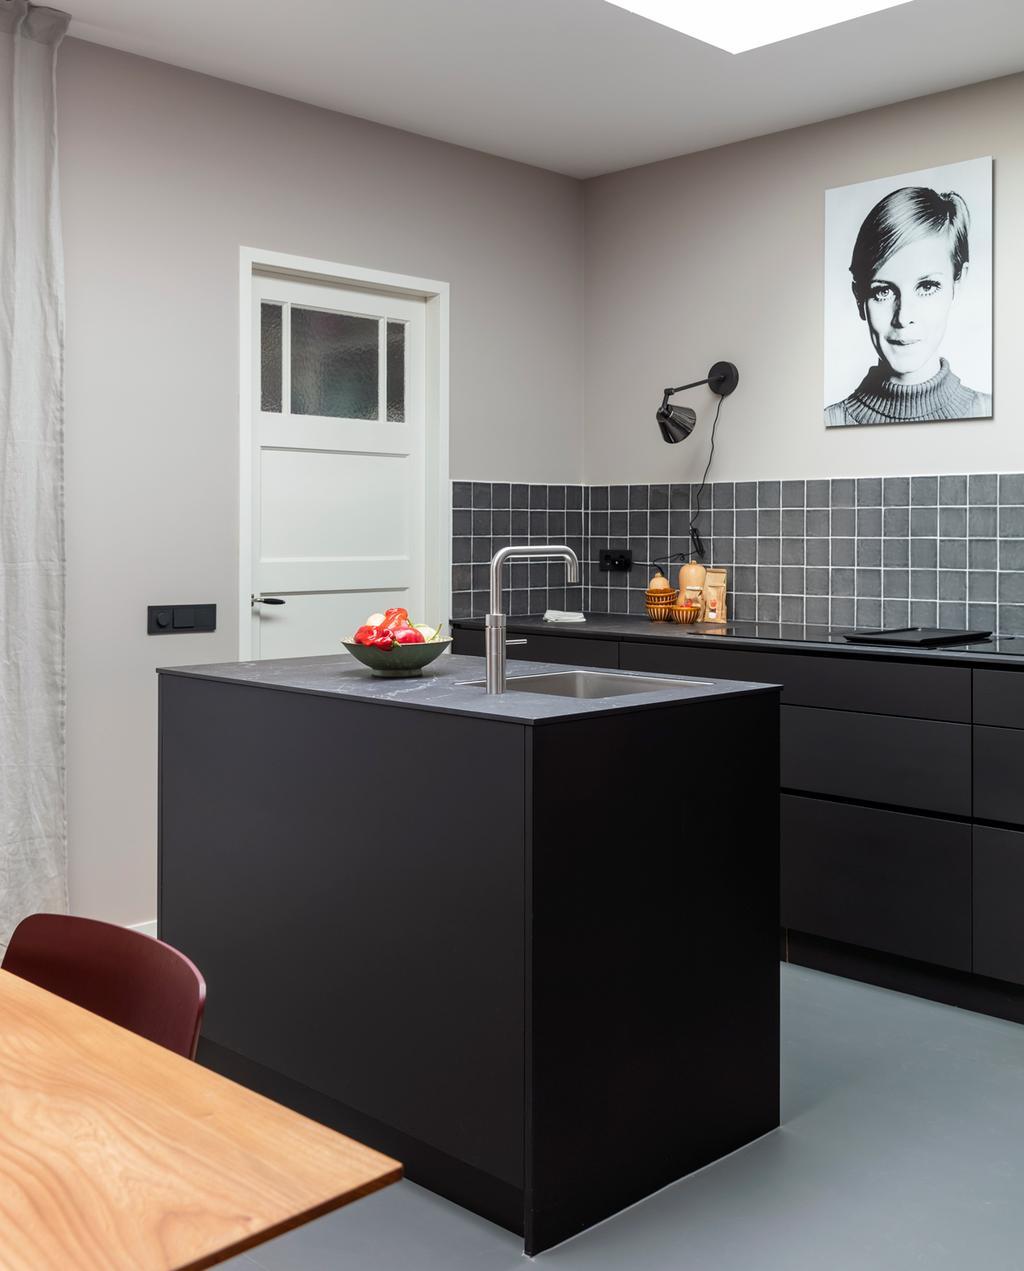 vtwonen weer verliefd op je huis | aflevering 11 seizoen 13 | stylist Fietje in Haarlem | wandlampen in de keuken